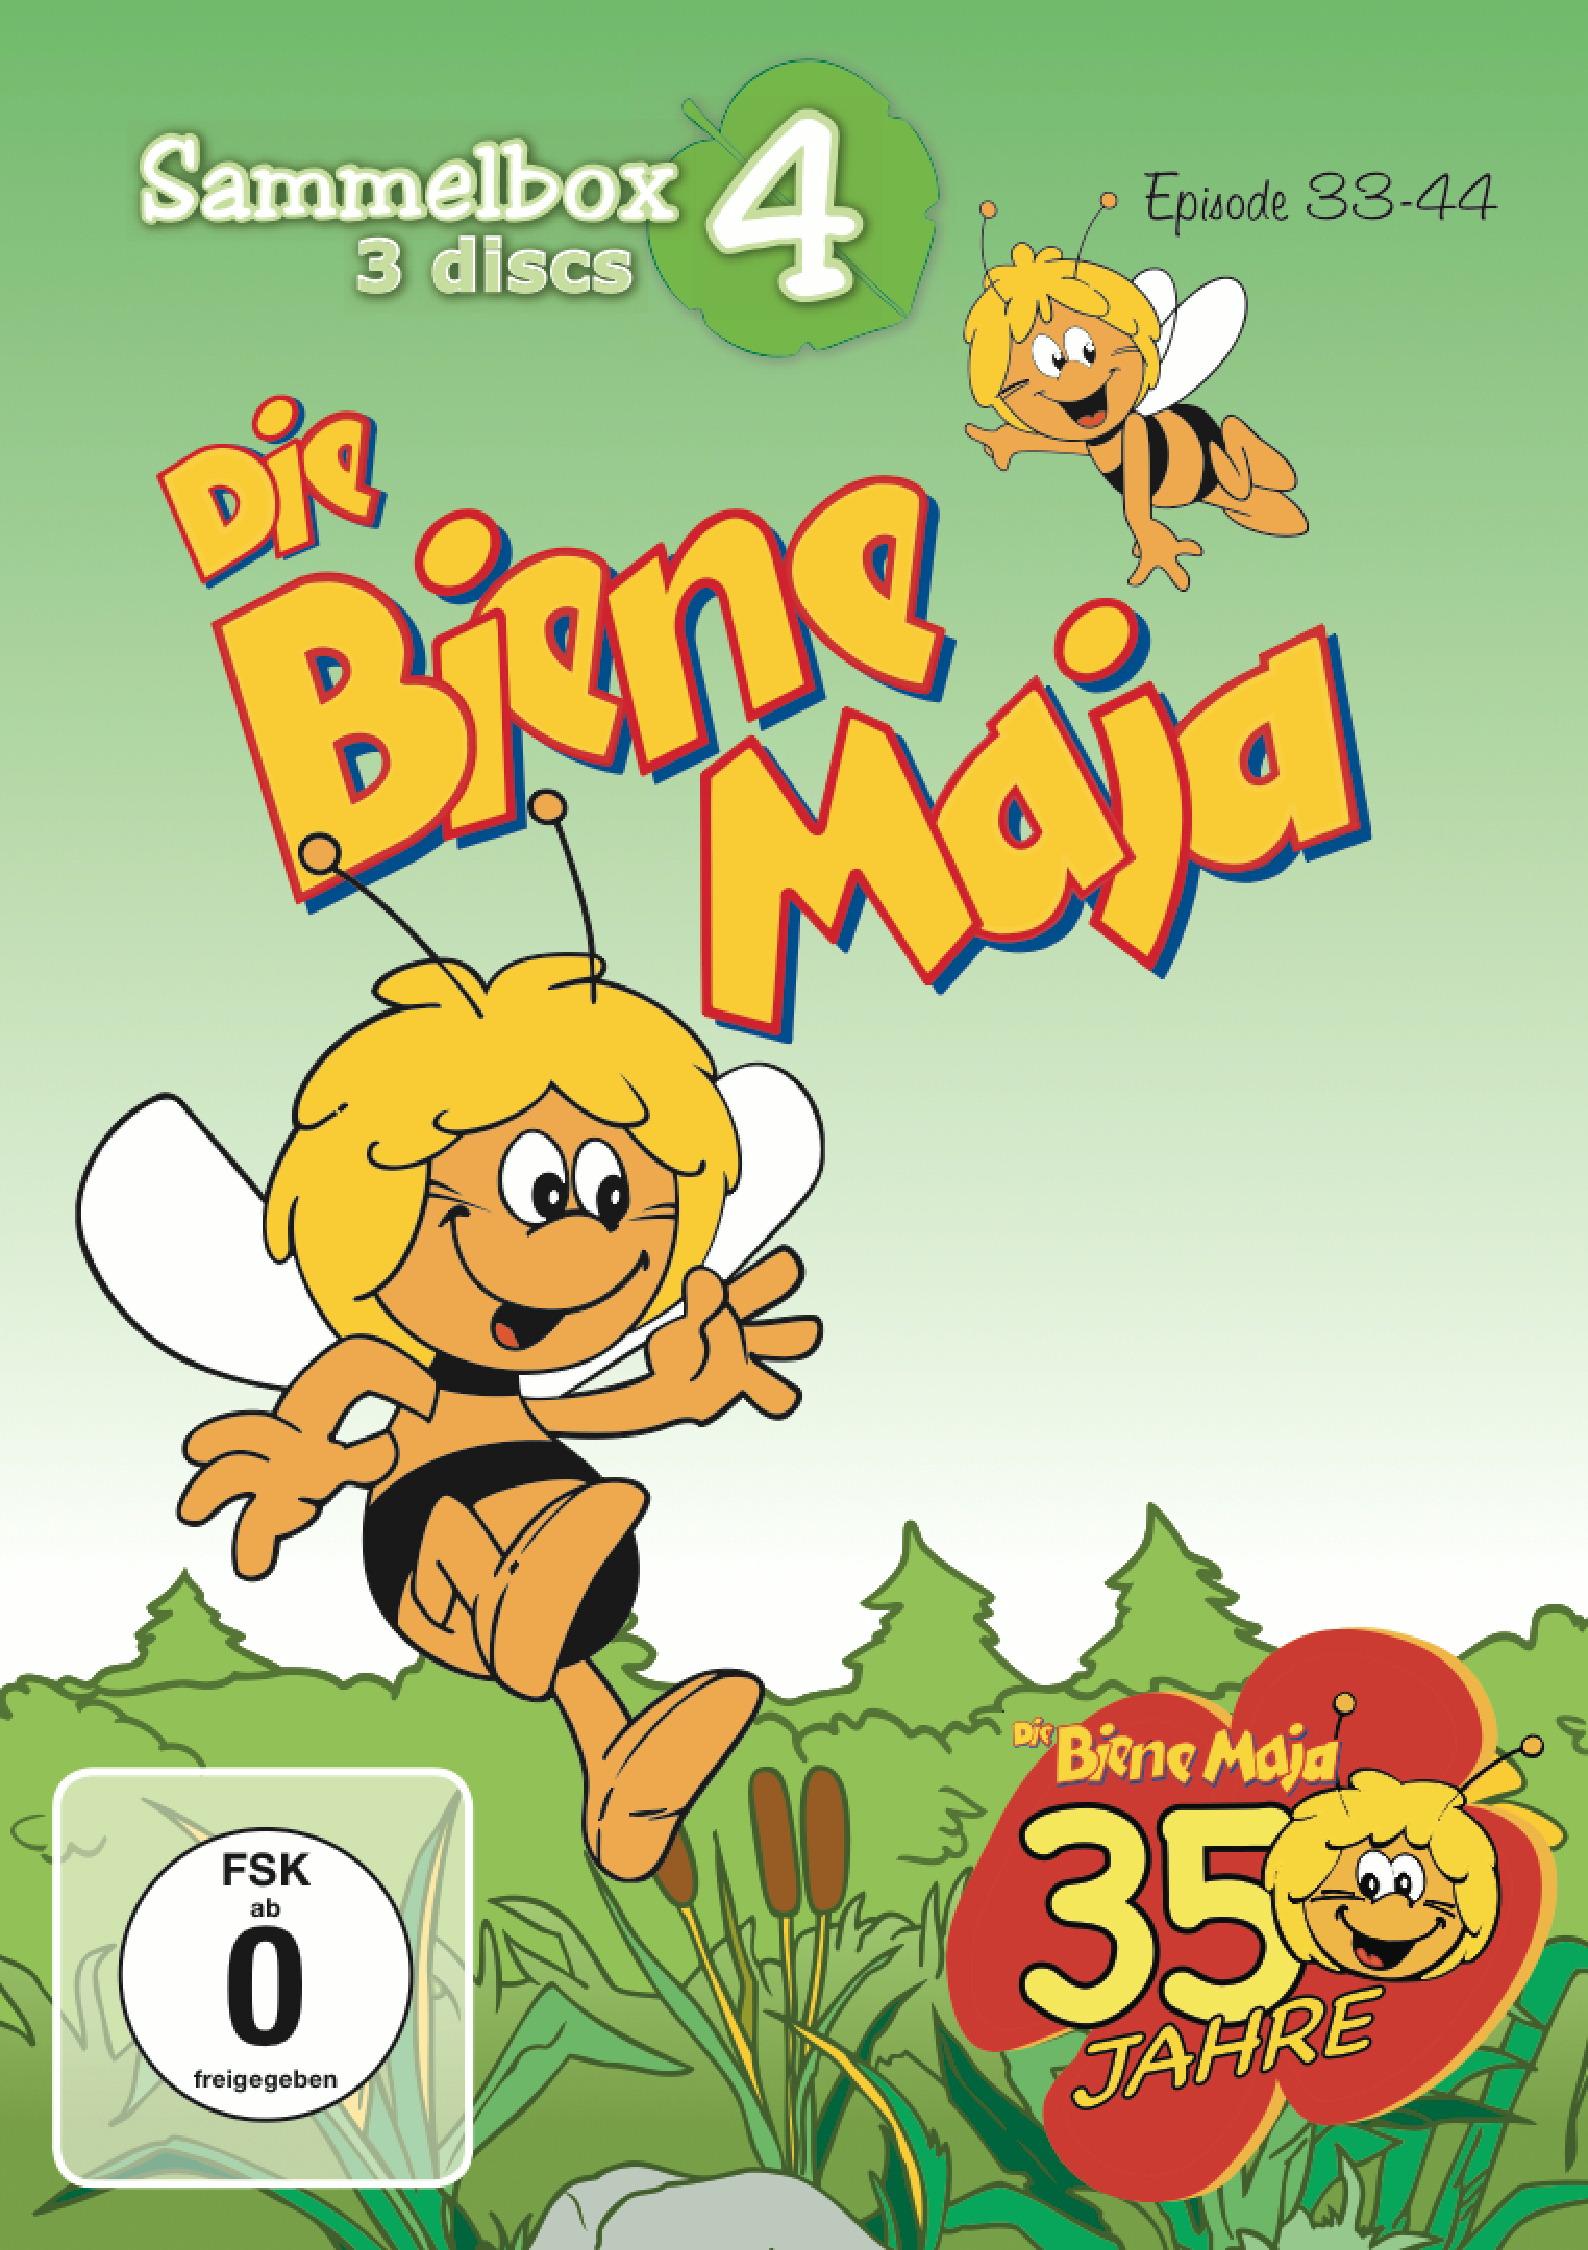 Die Biene Maja - Sammelbox 4 (3 Discs) Poster